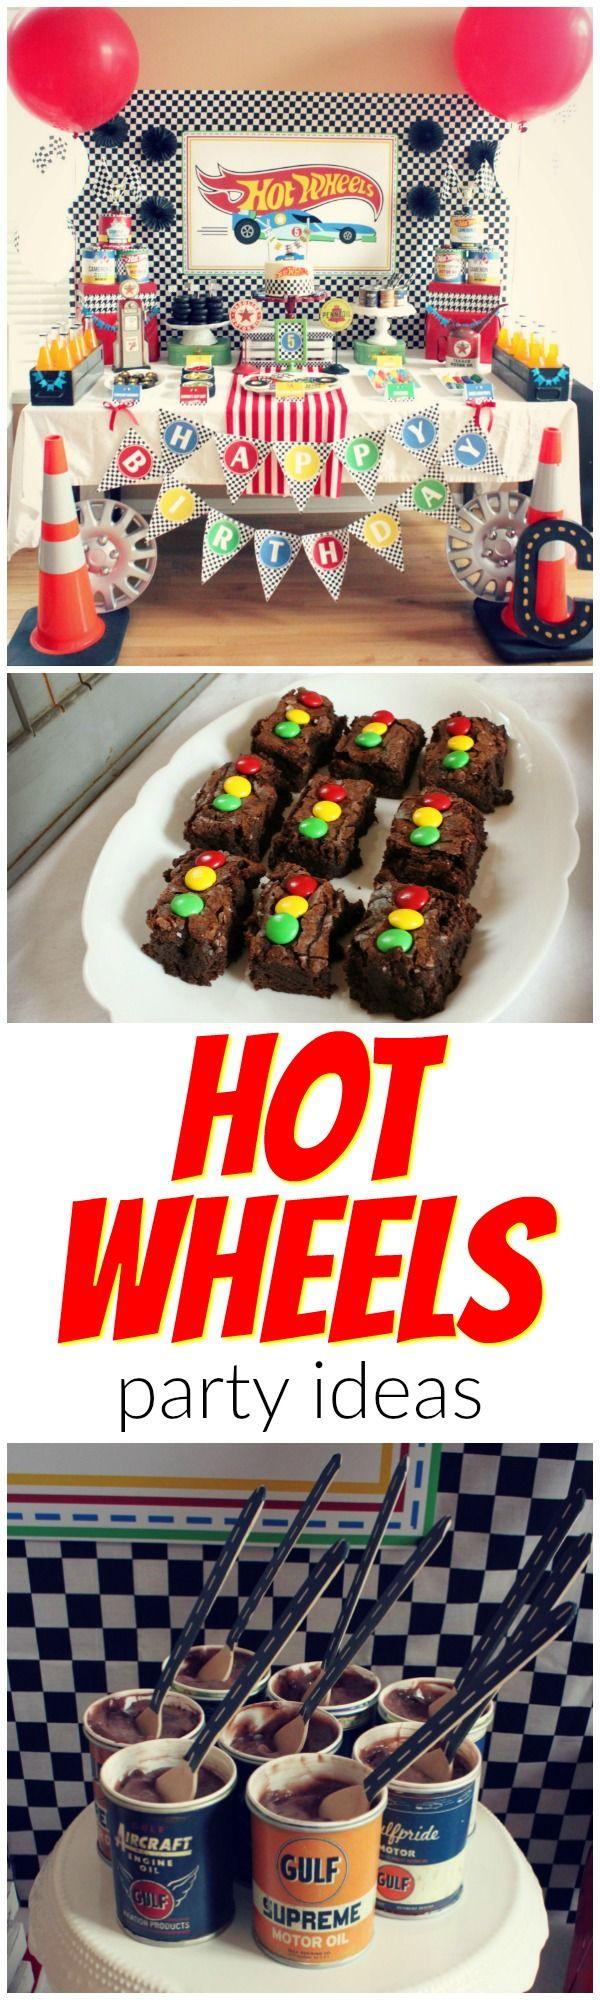 Hot Wheels clipart winner cup 25+ HOT Best Hot wheels